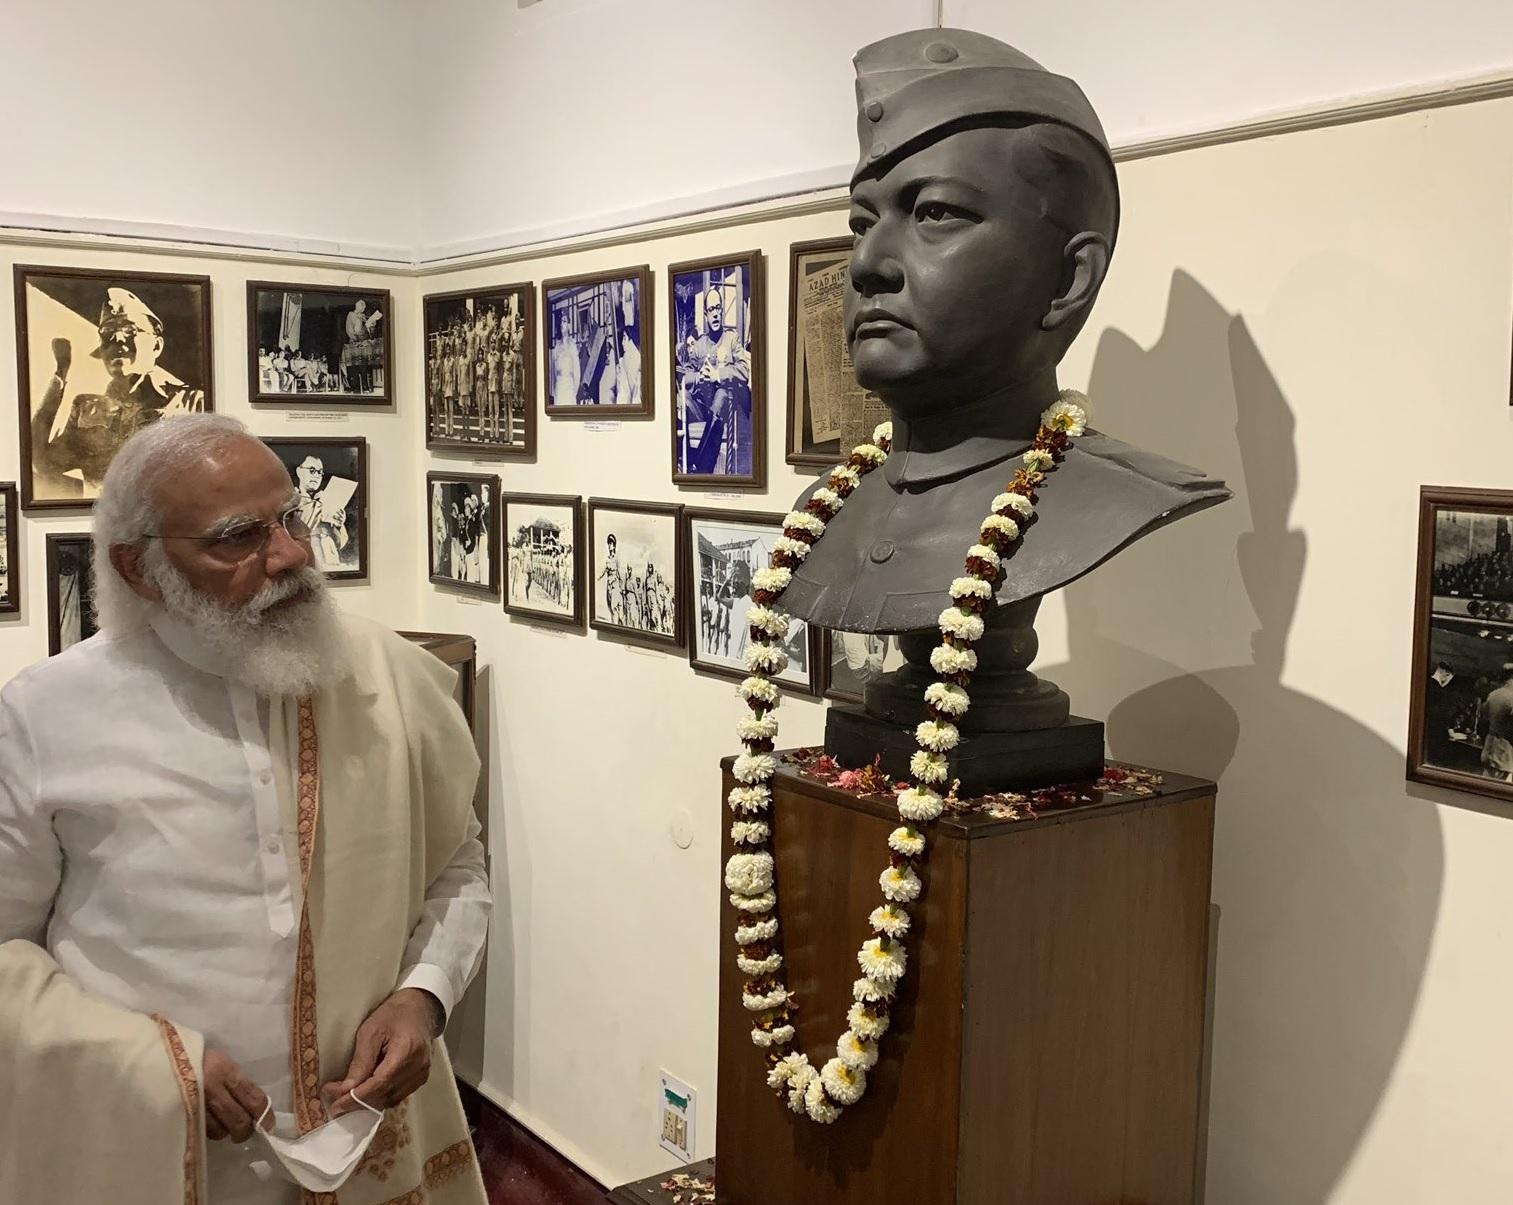 पराक्रम दिवस:पीएम मोदी बोले- नेताजी के सशक्त भारत का सपना आज पूरा हो रहा, उन्हें गर्व होता